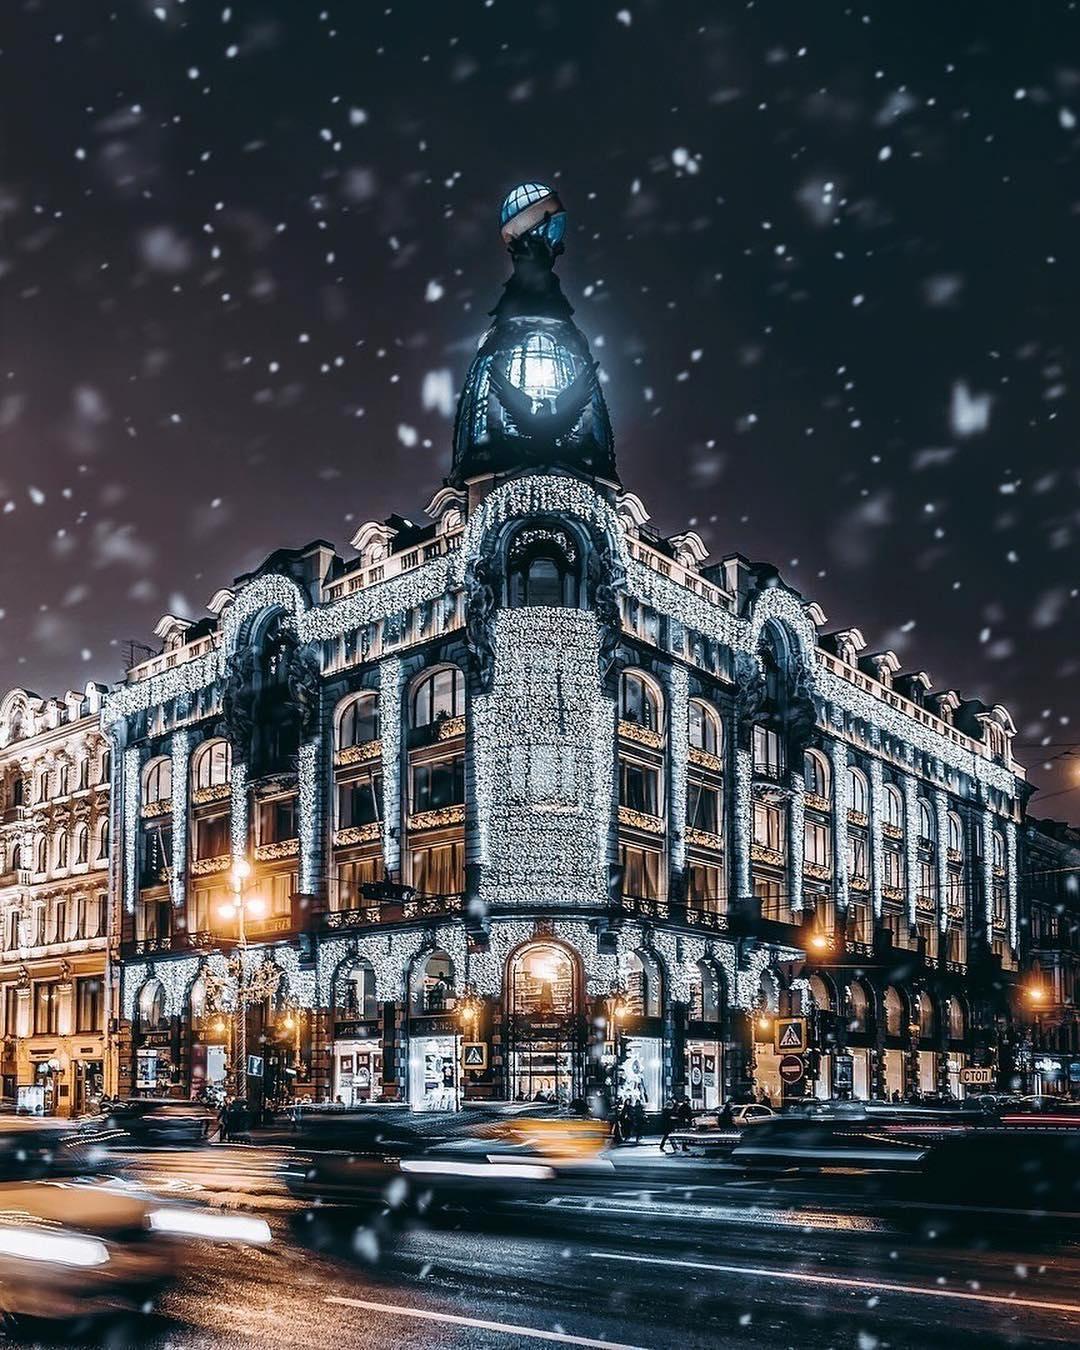 Дом компании Зингер в Новый год